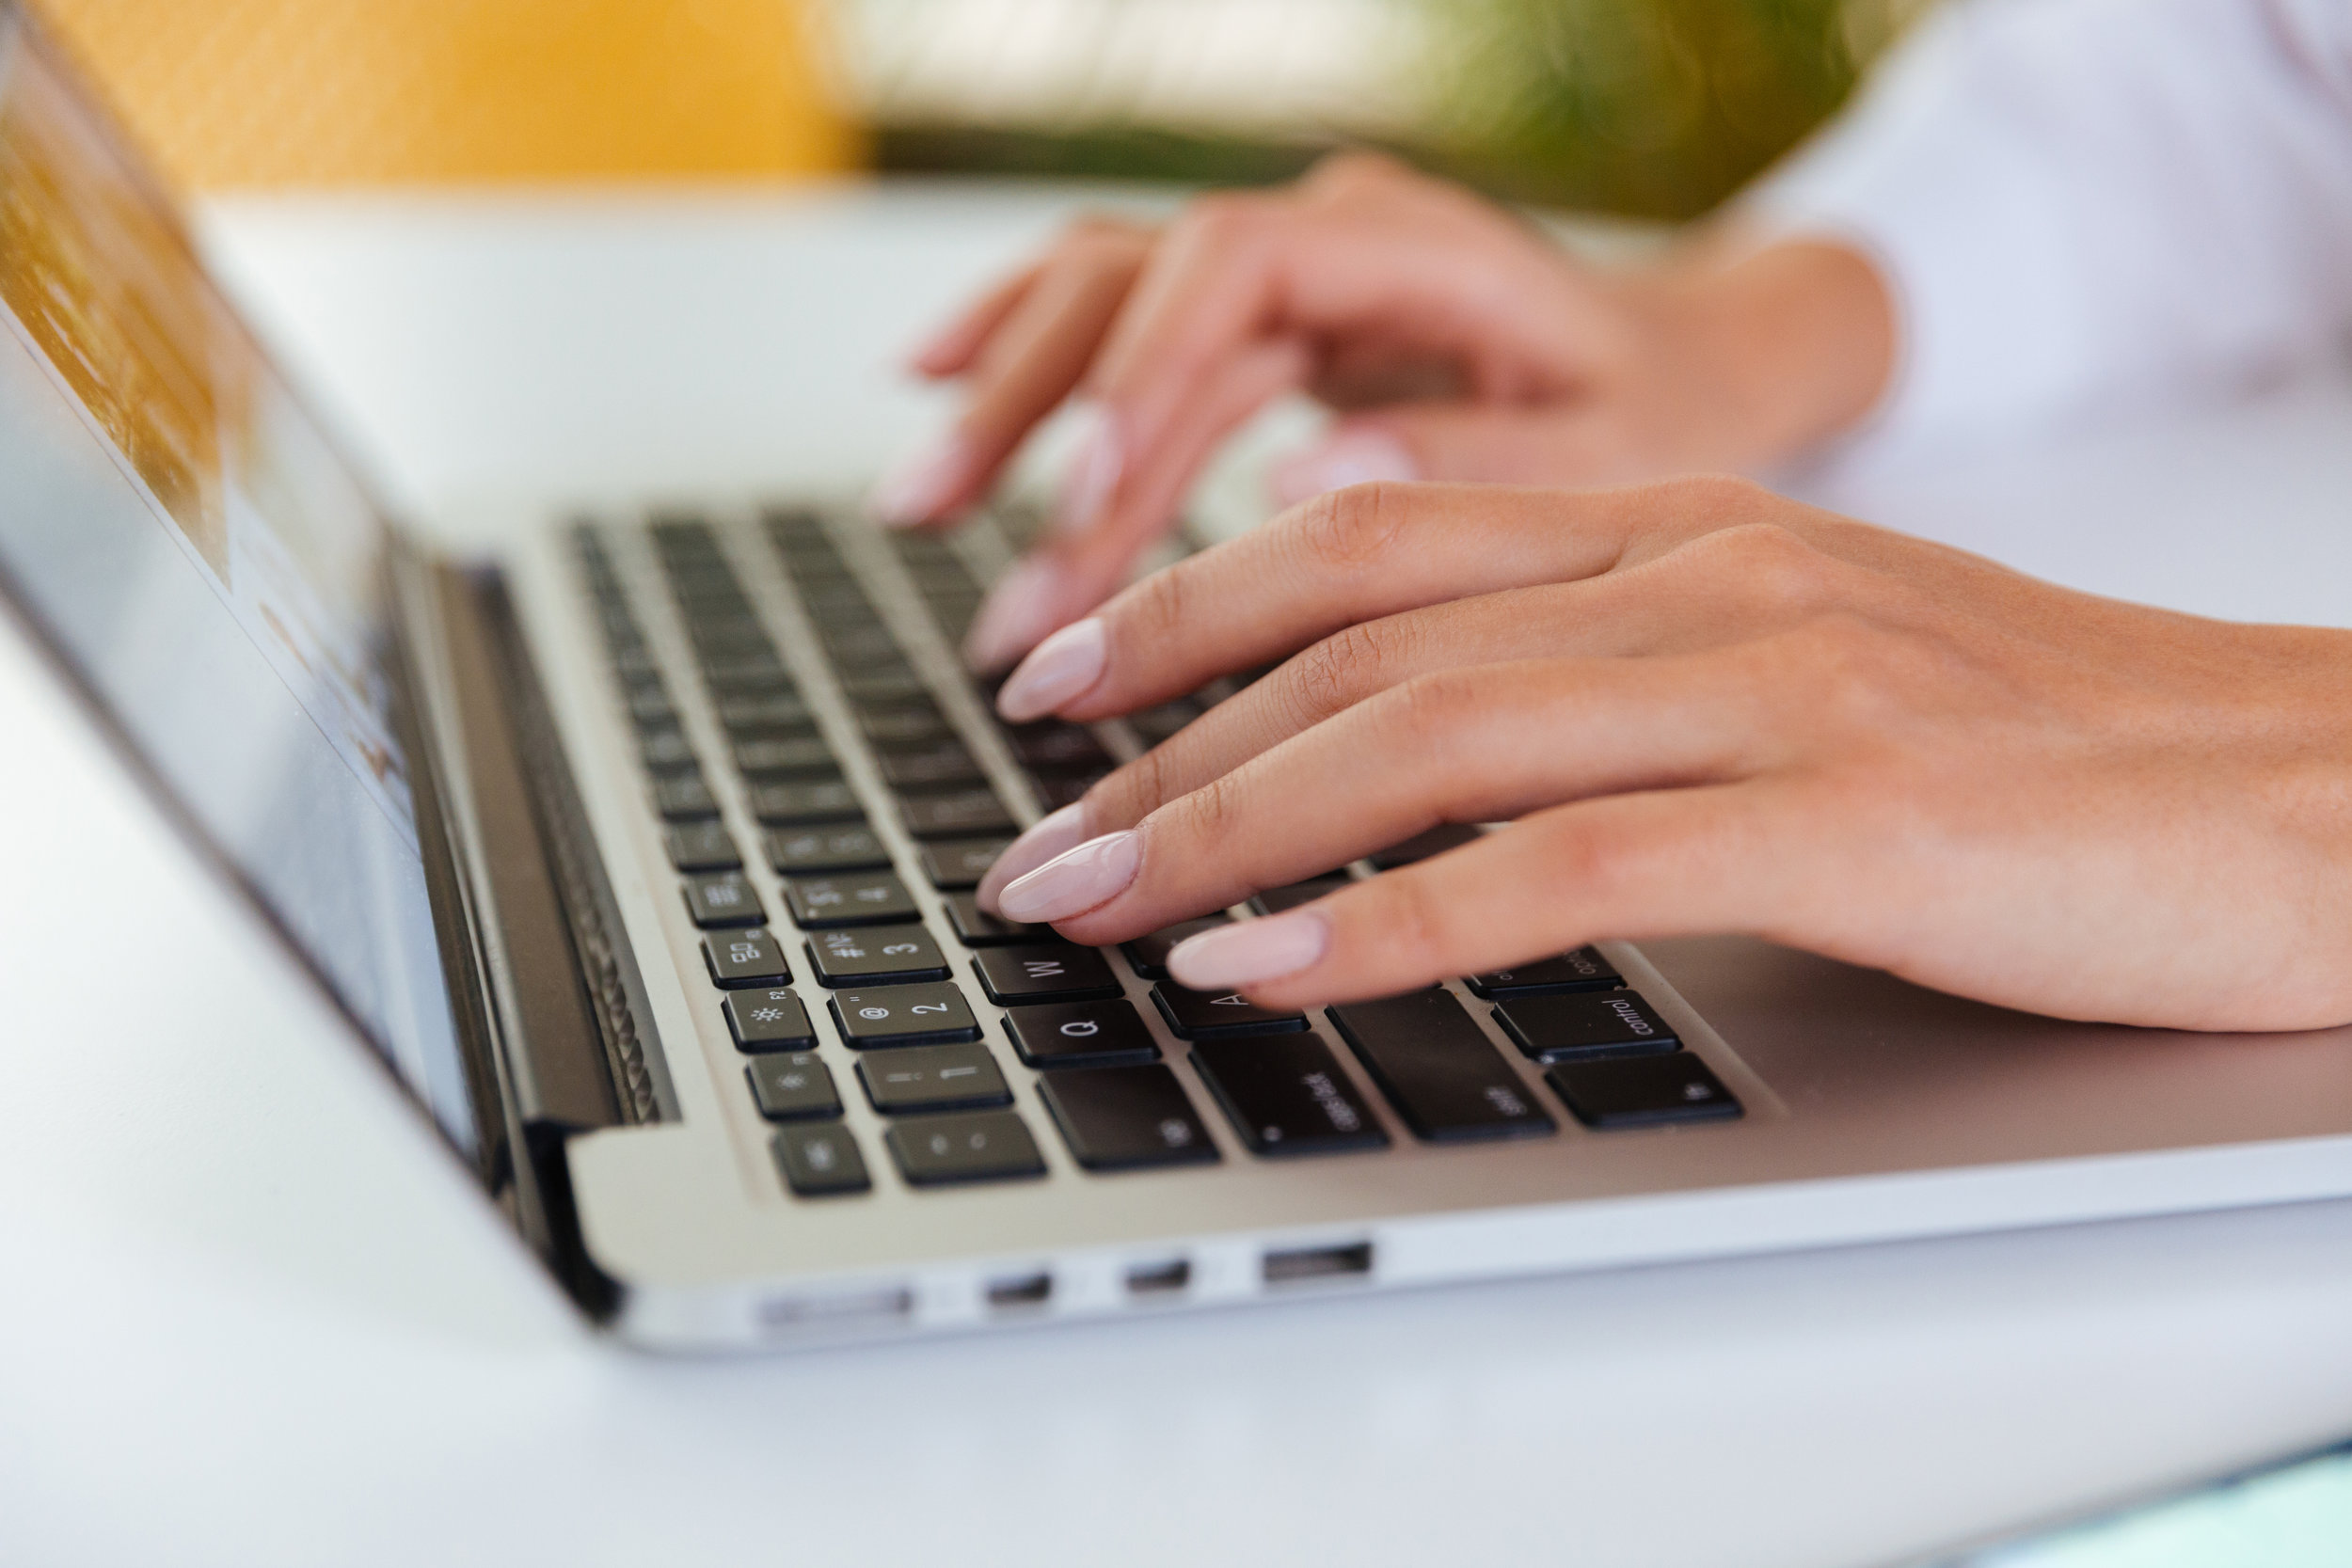 typing-on-laptop.jpg